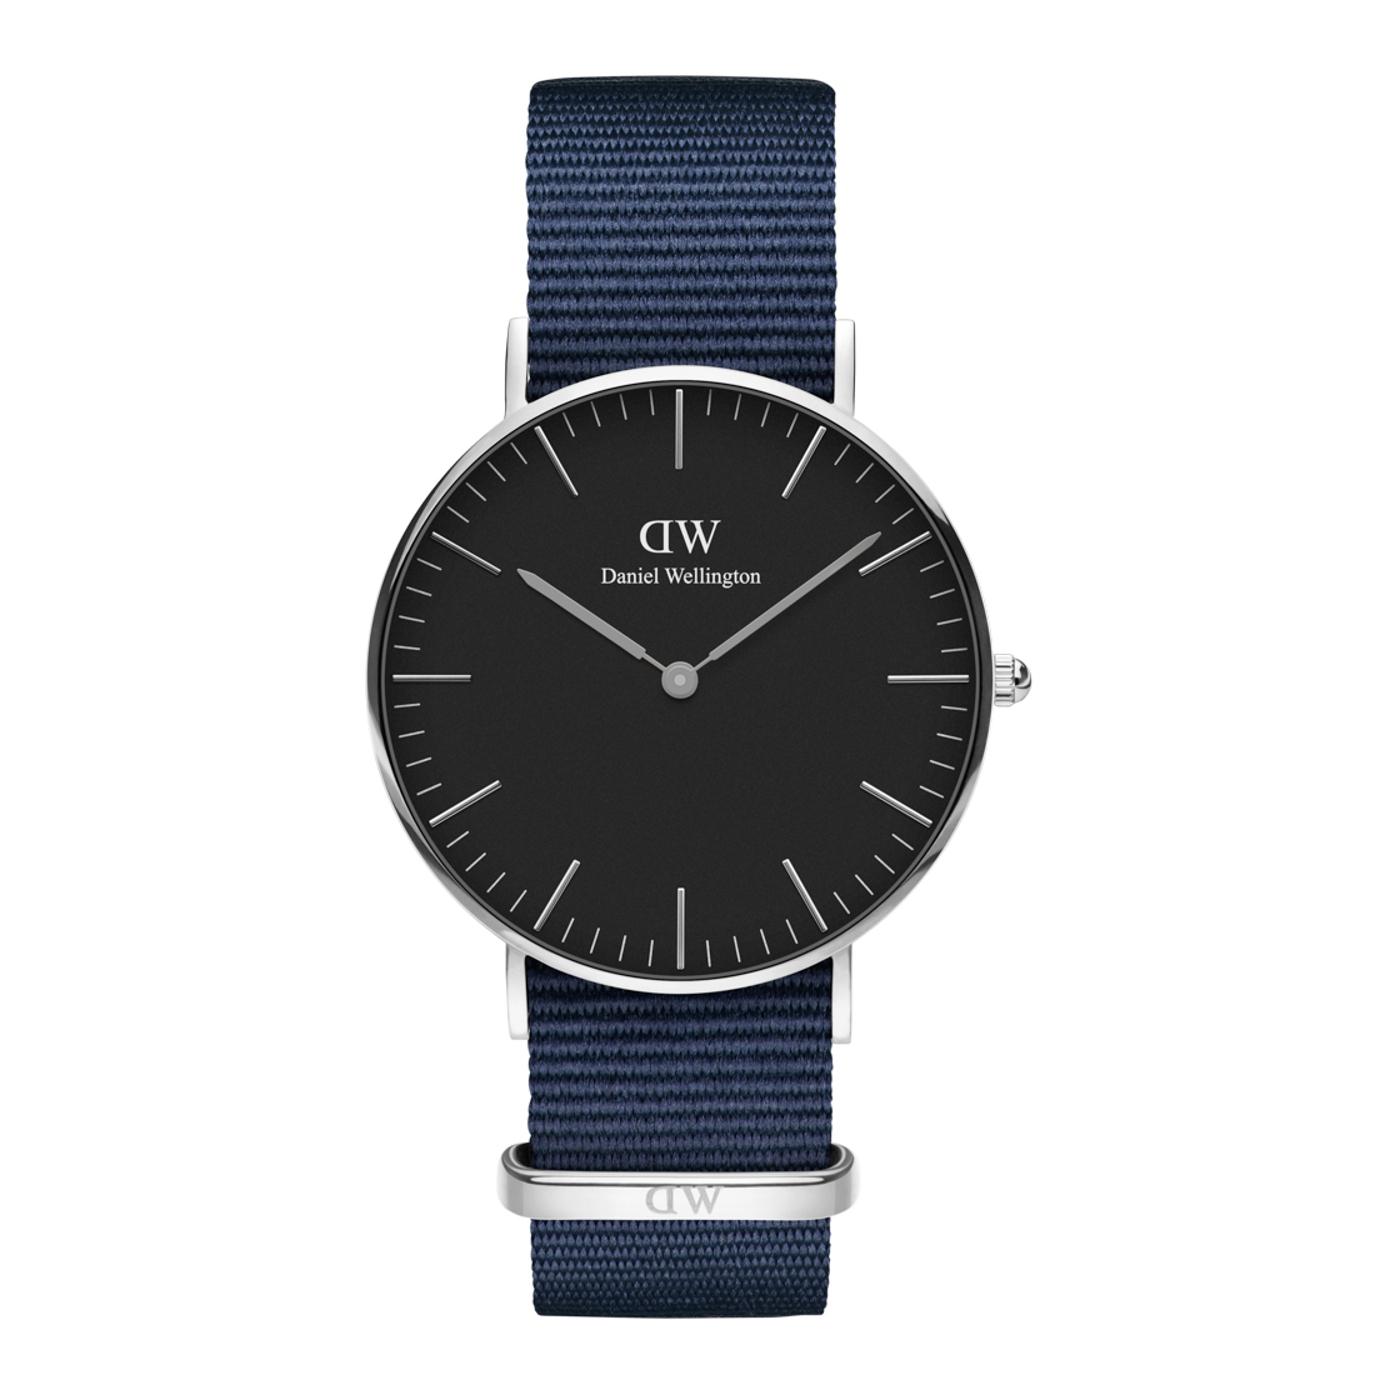 Afbeelding van Daniel Wellington Classic Bayswater horloge DW00100282 (36 mm)